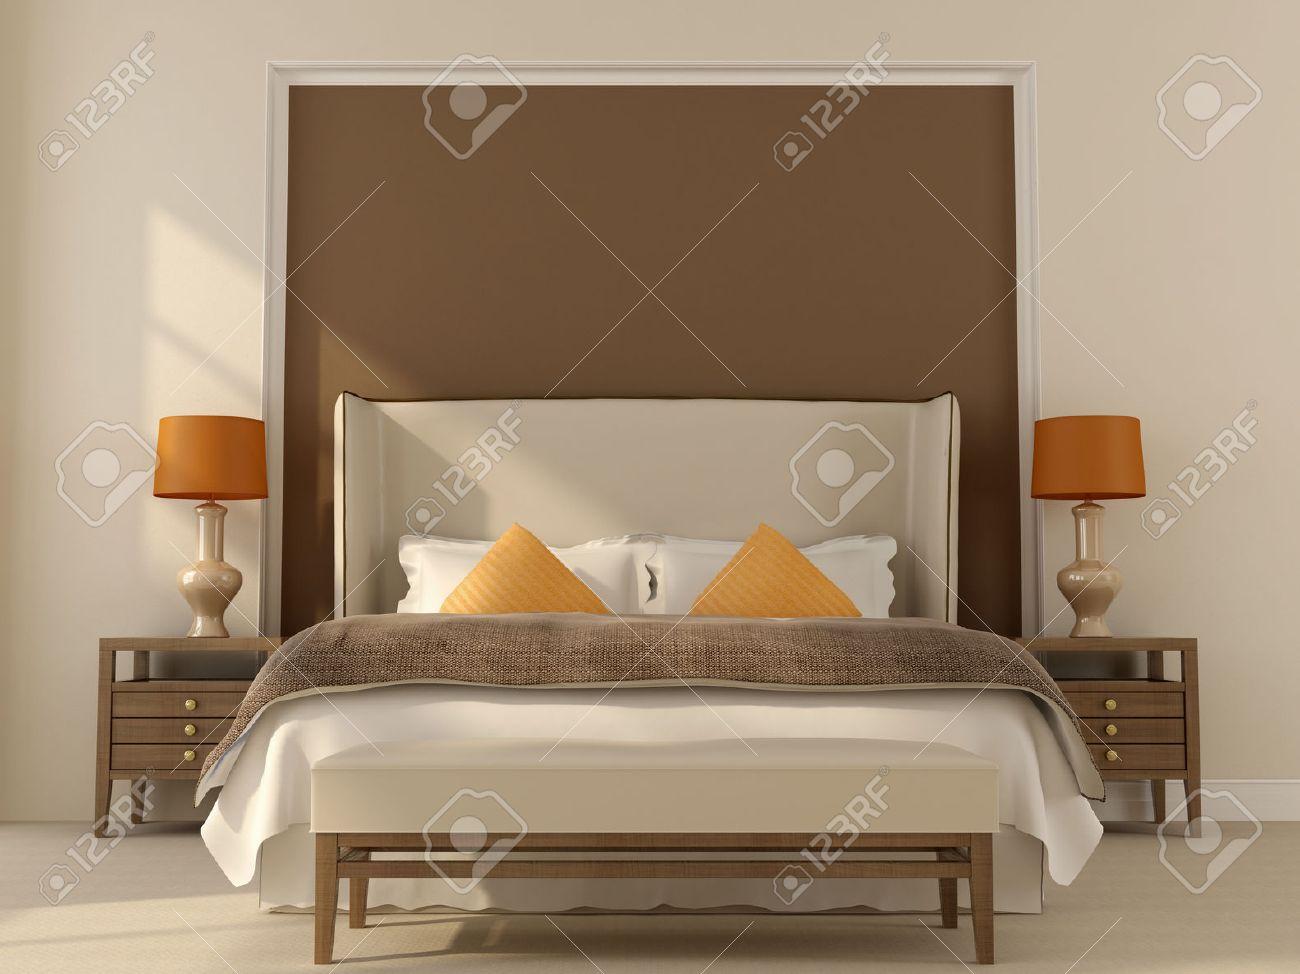 Extraordinary Brauntöne Wand Photo Of Schlafzimmer In Beige-und Brauntönen Mit Orange Dekoration